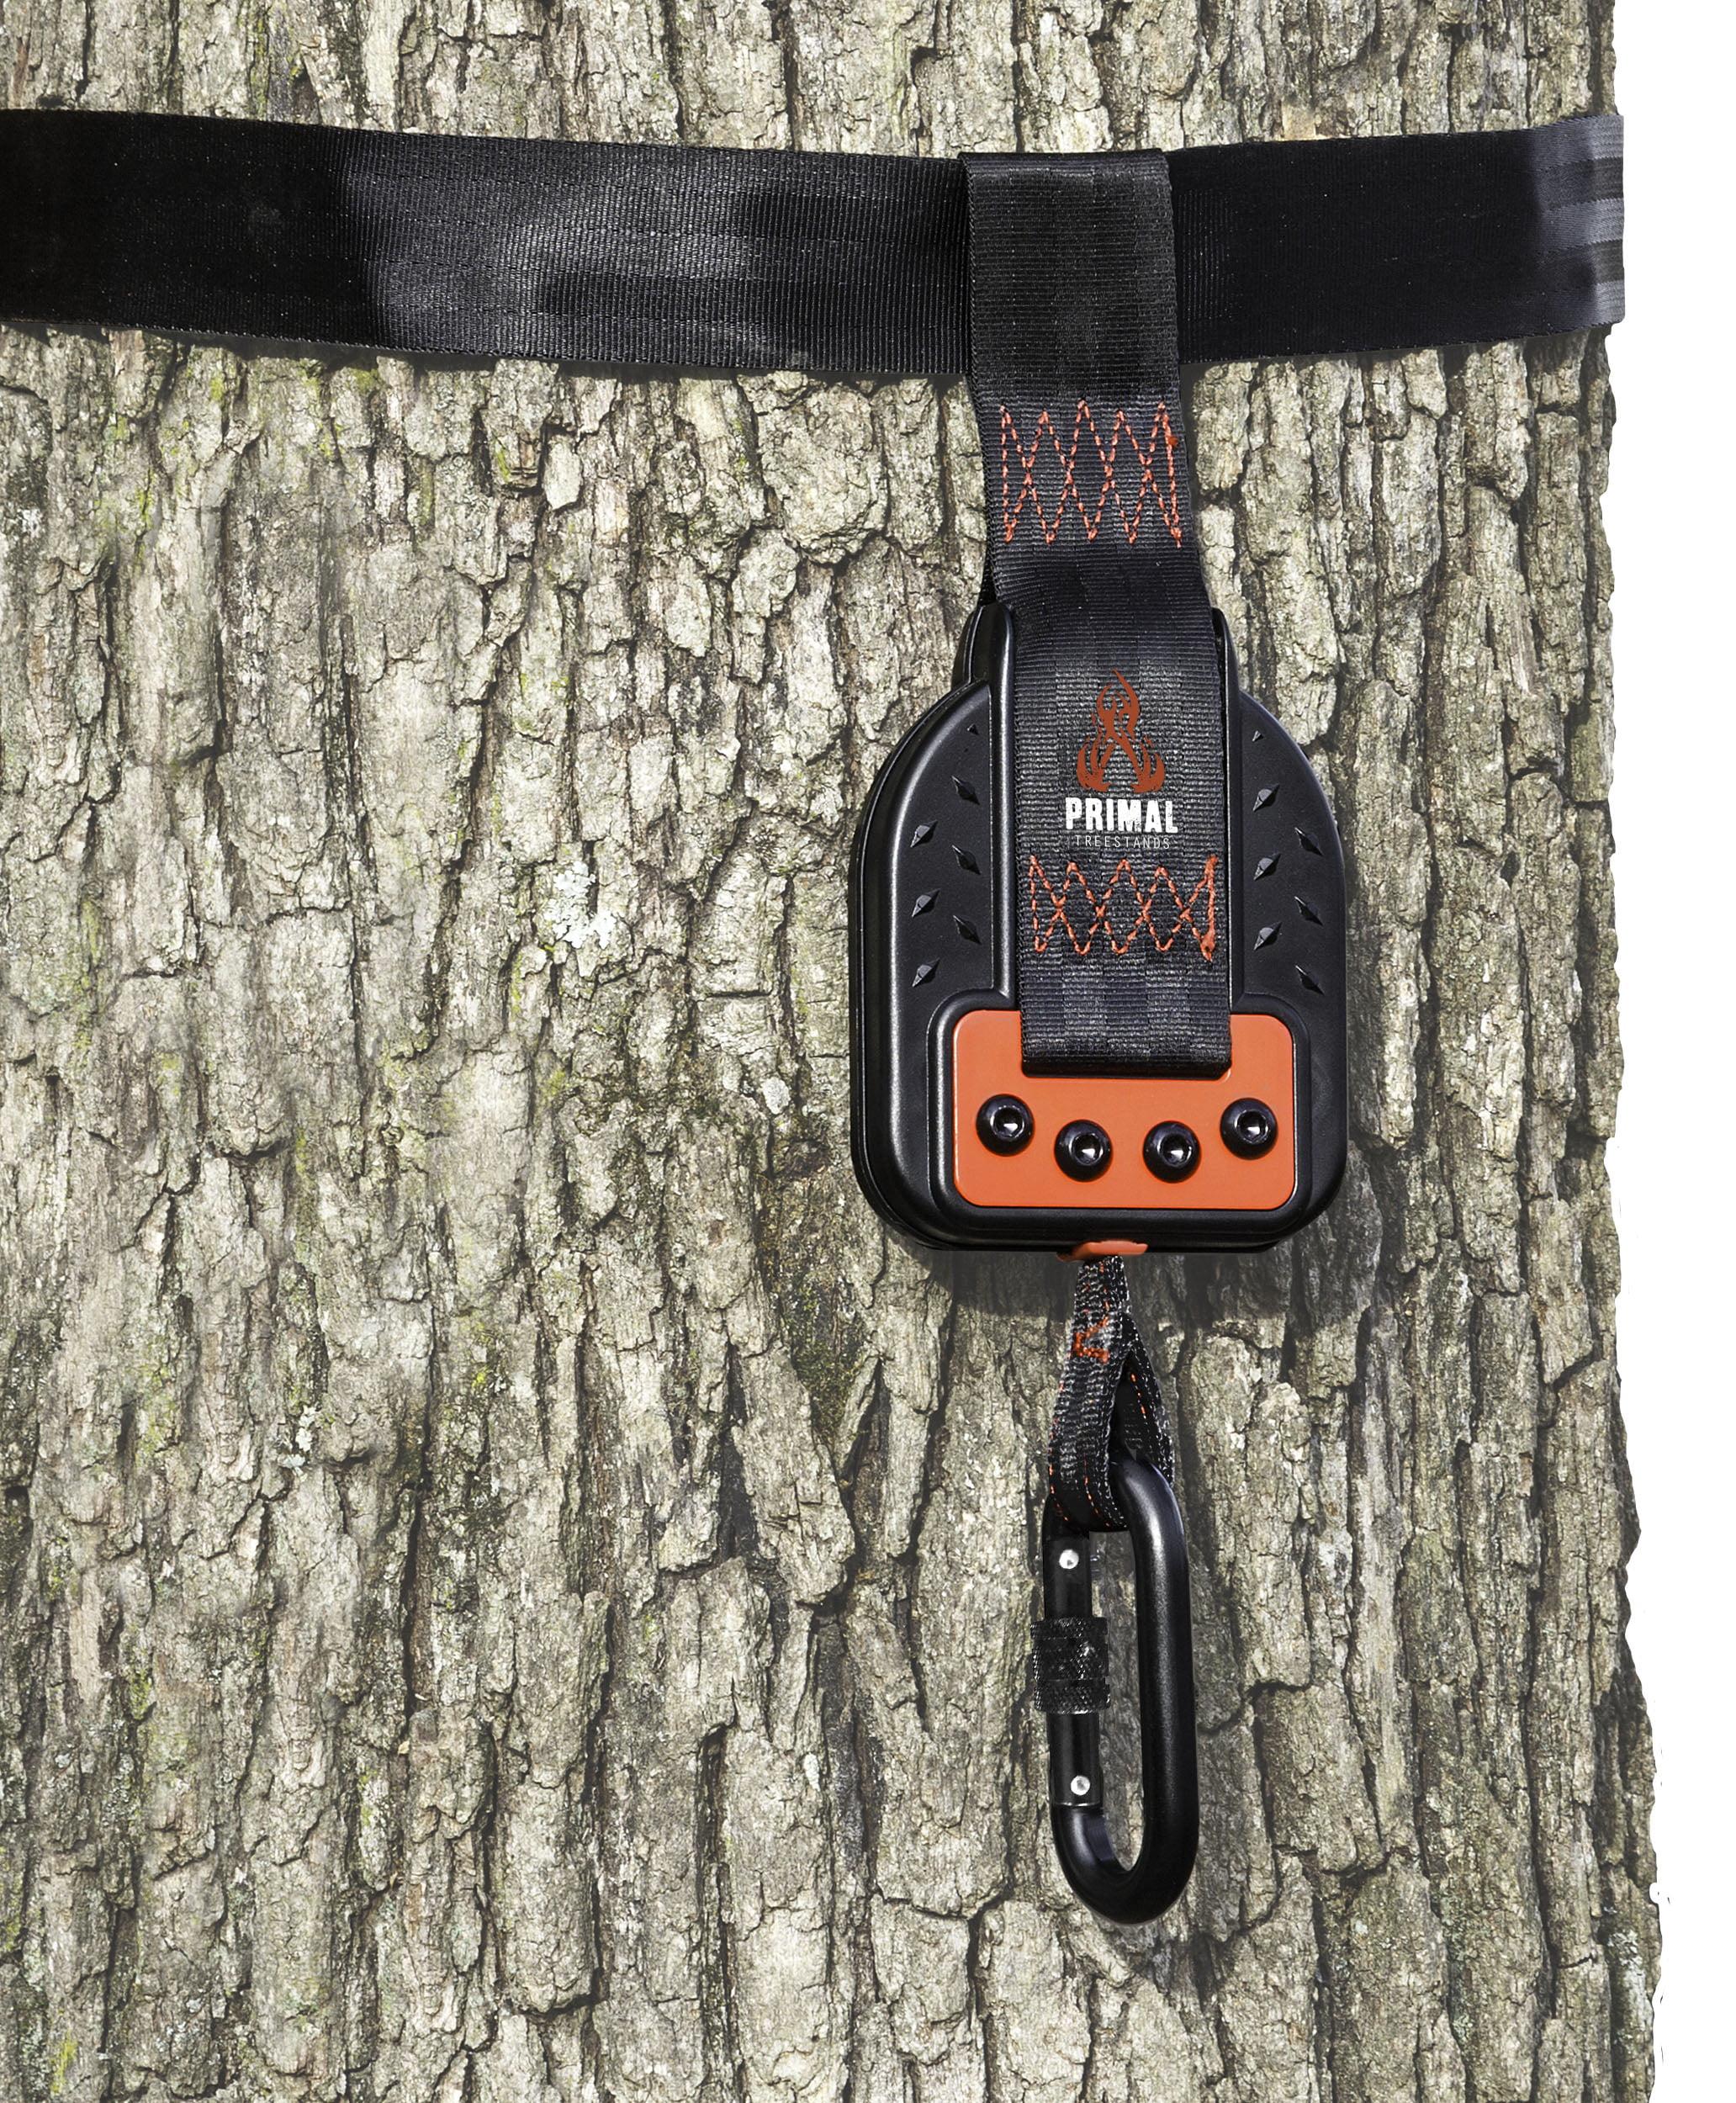 Primal Treestands The Descender Device Walmart Com